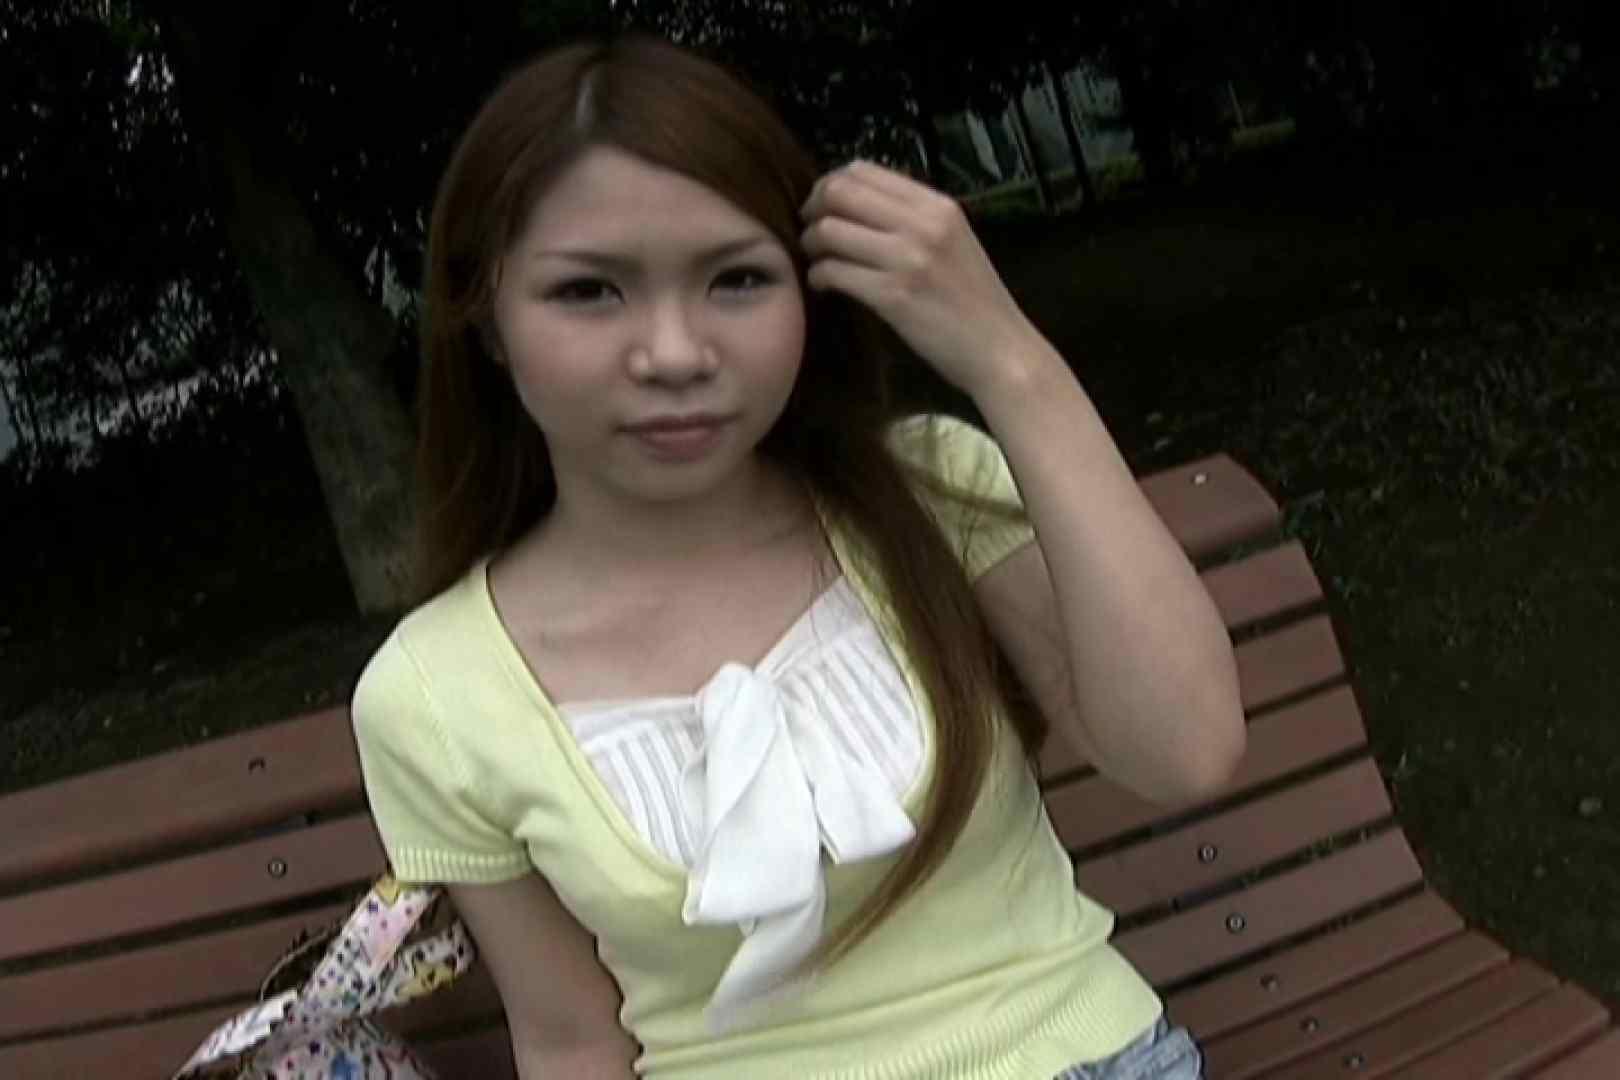 ハイビジョンパンチラ オッテQさんの追跡パンチラ階段編Vol.02 追跡 エロ画像 97pic 17